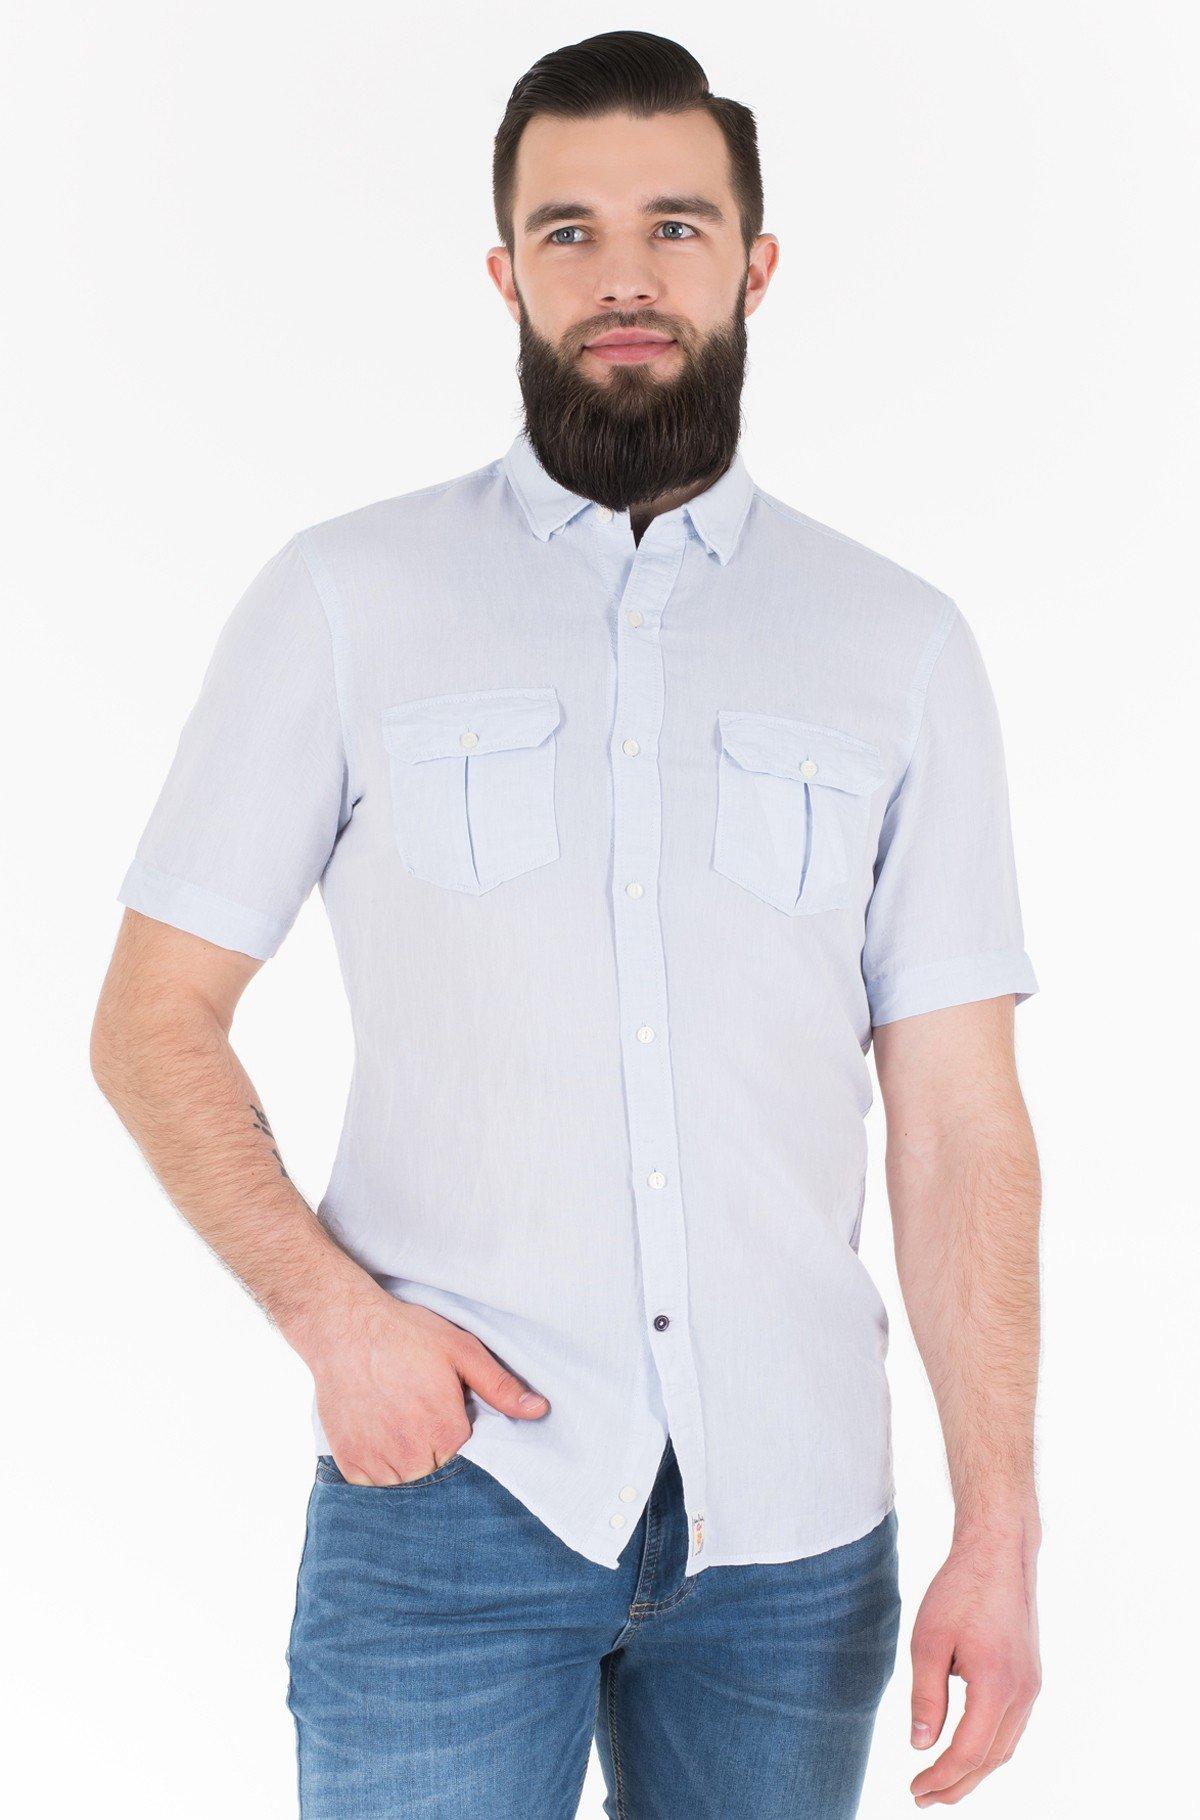 Short sleeve shirt 53911-26731-full-1